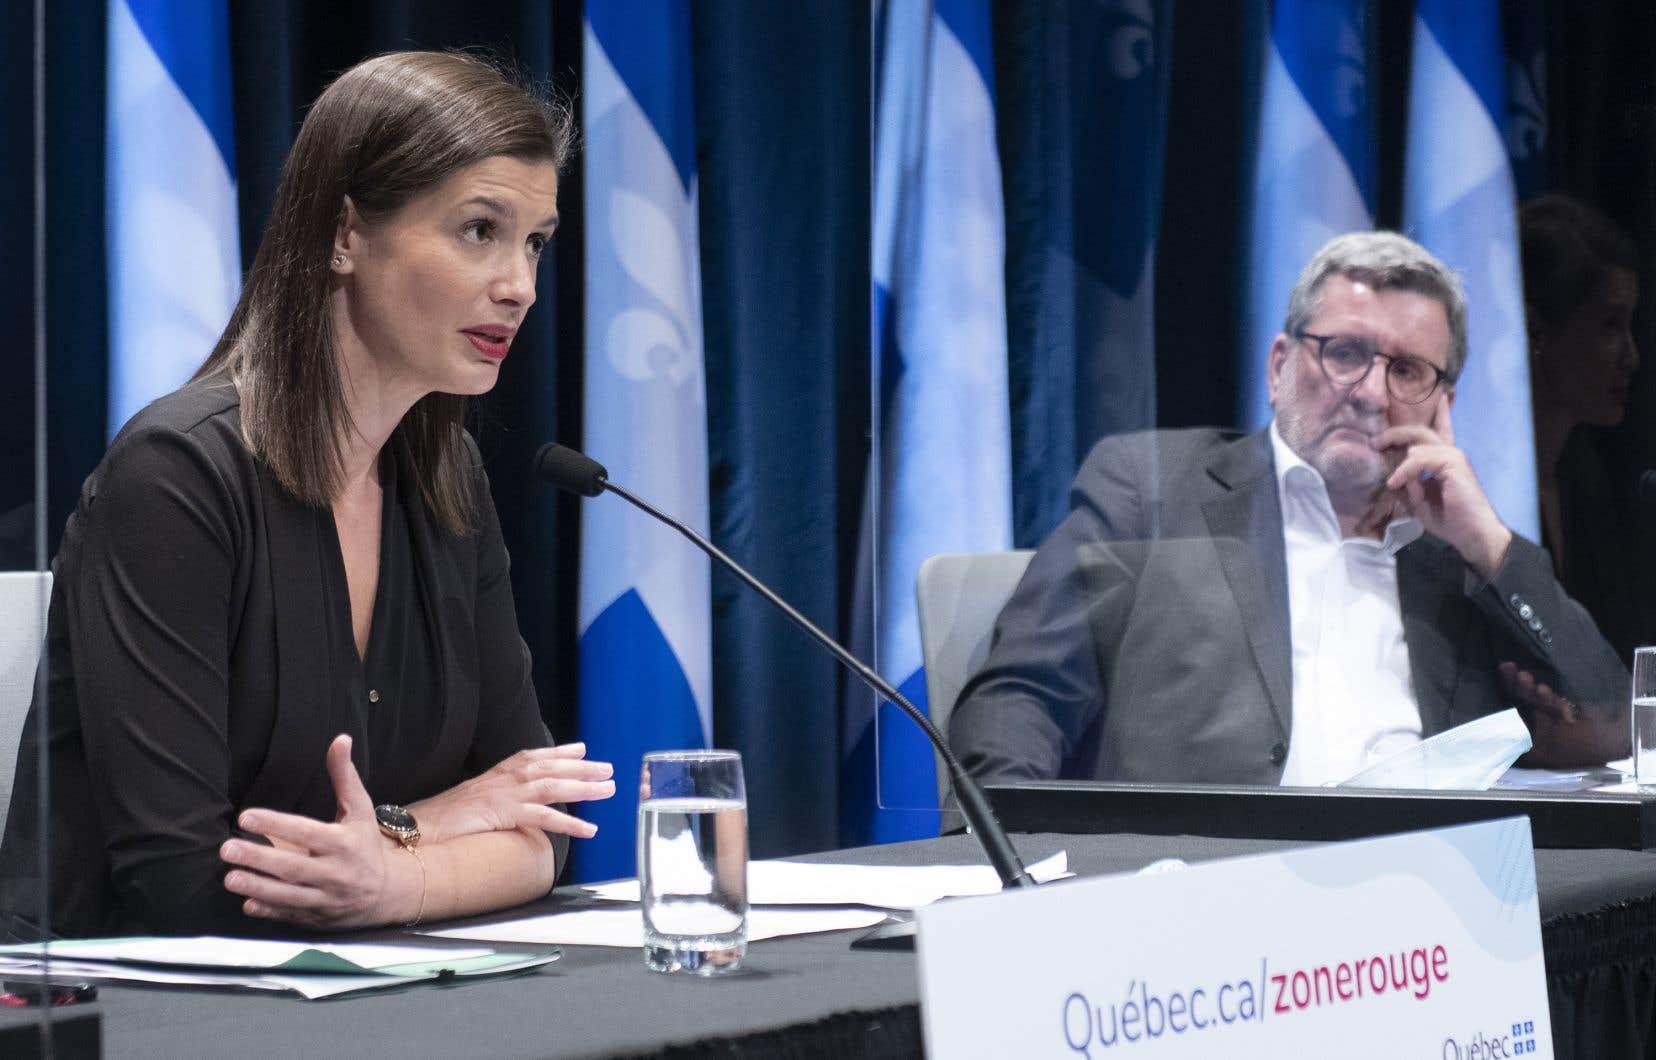 La ministre responsable de la région de Québec, Geneviève Guilbault, enjoint aux citoyens de la région de la capitale de respecter les règles sanitaires pour éviter des ruptures de service dans les hôpitaux. On la voit ici en compagnie du maire Régis Labeaume.